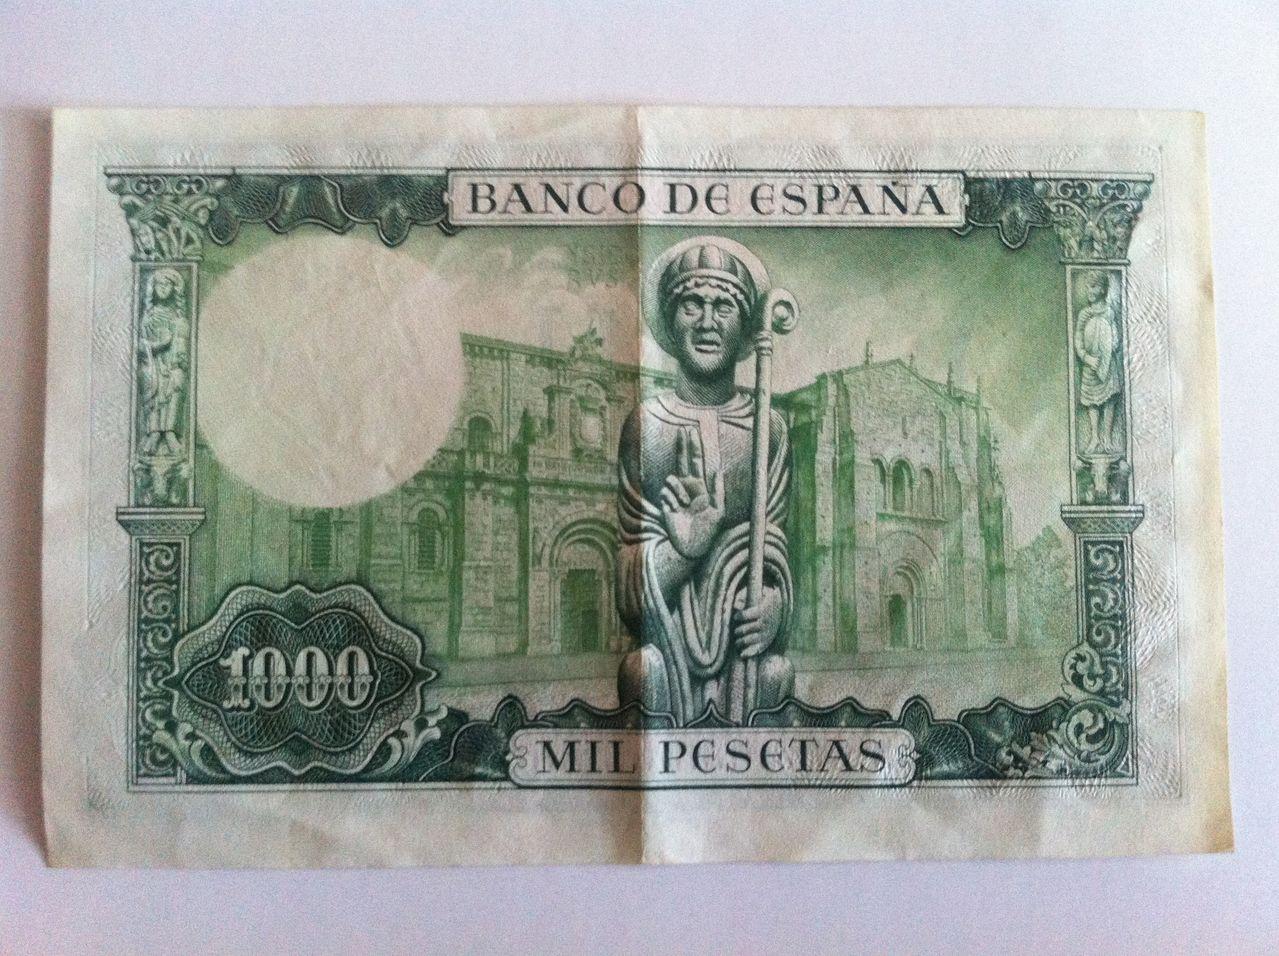 Ayuda para valorar coleccion de billetes IMG_4966